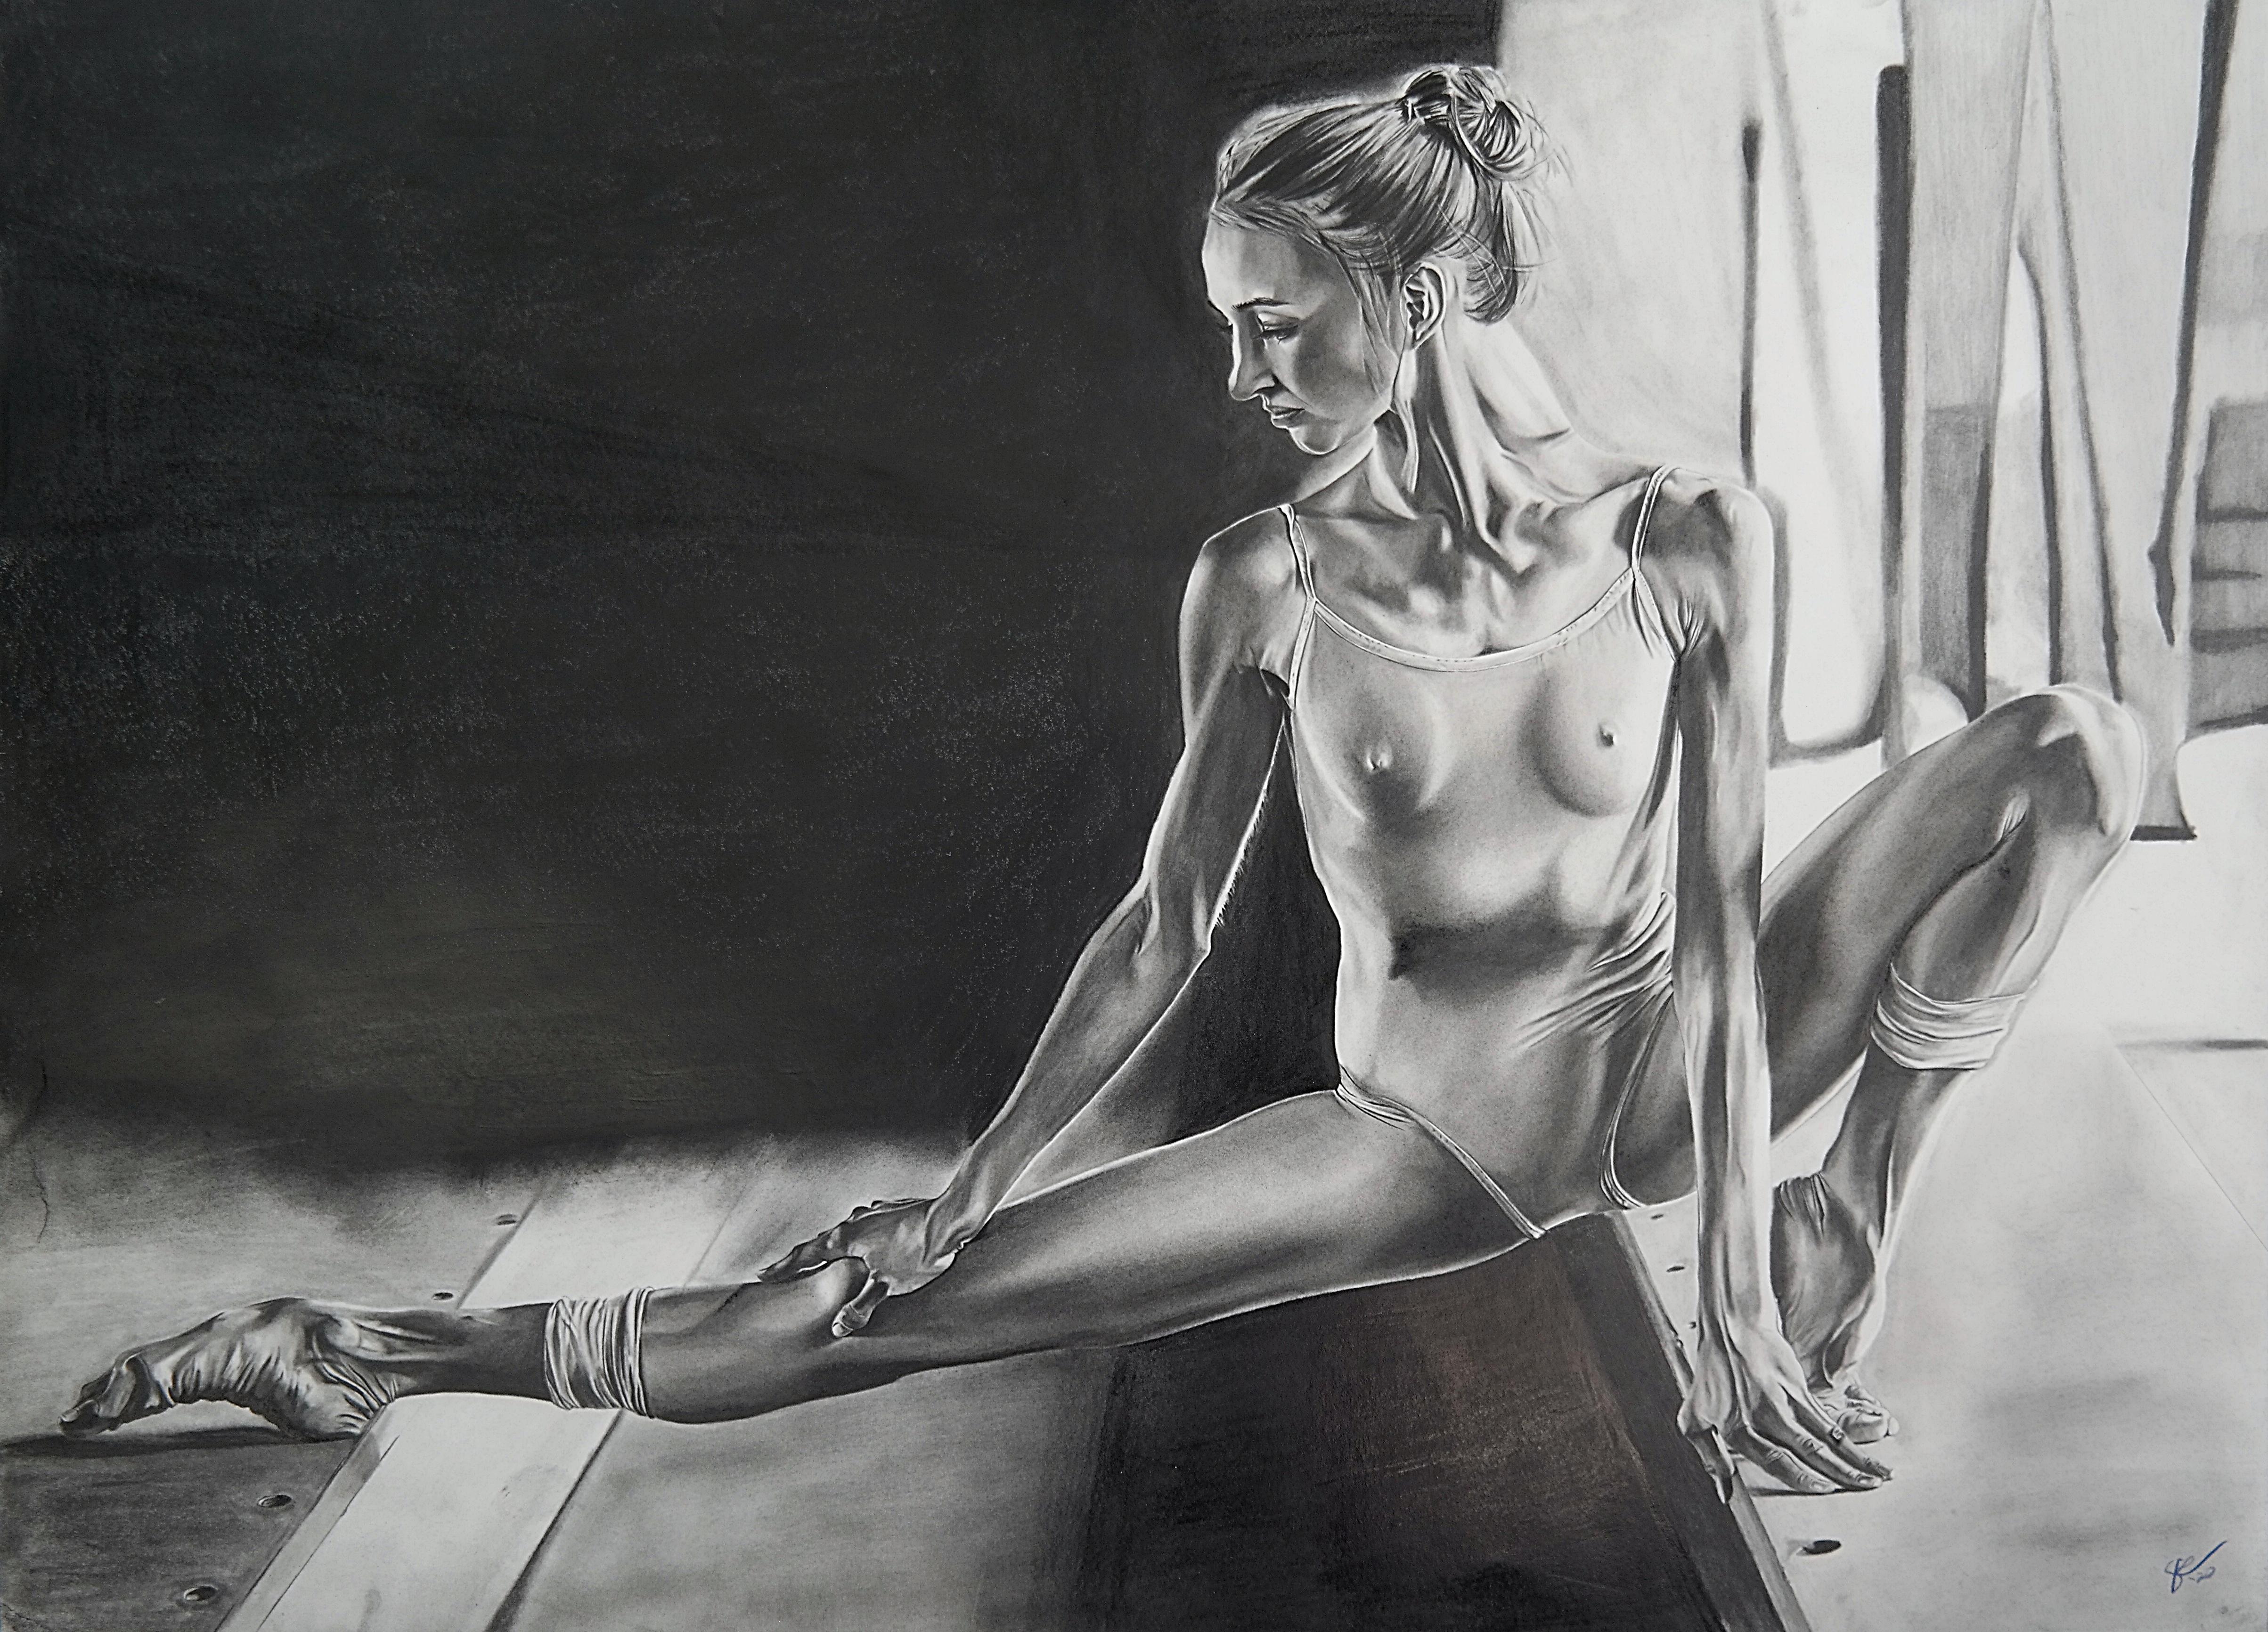 Ballerina 2020 No. 2